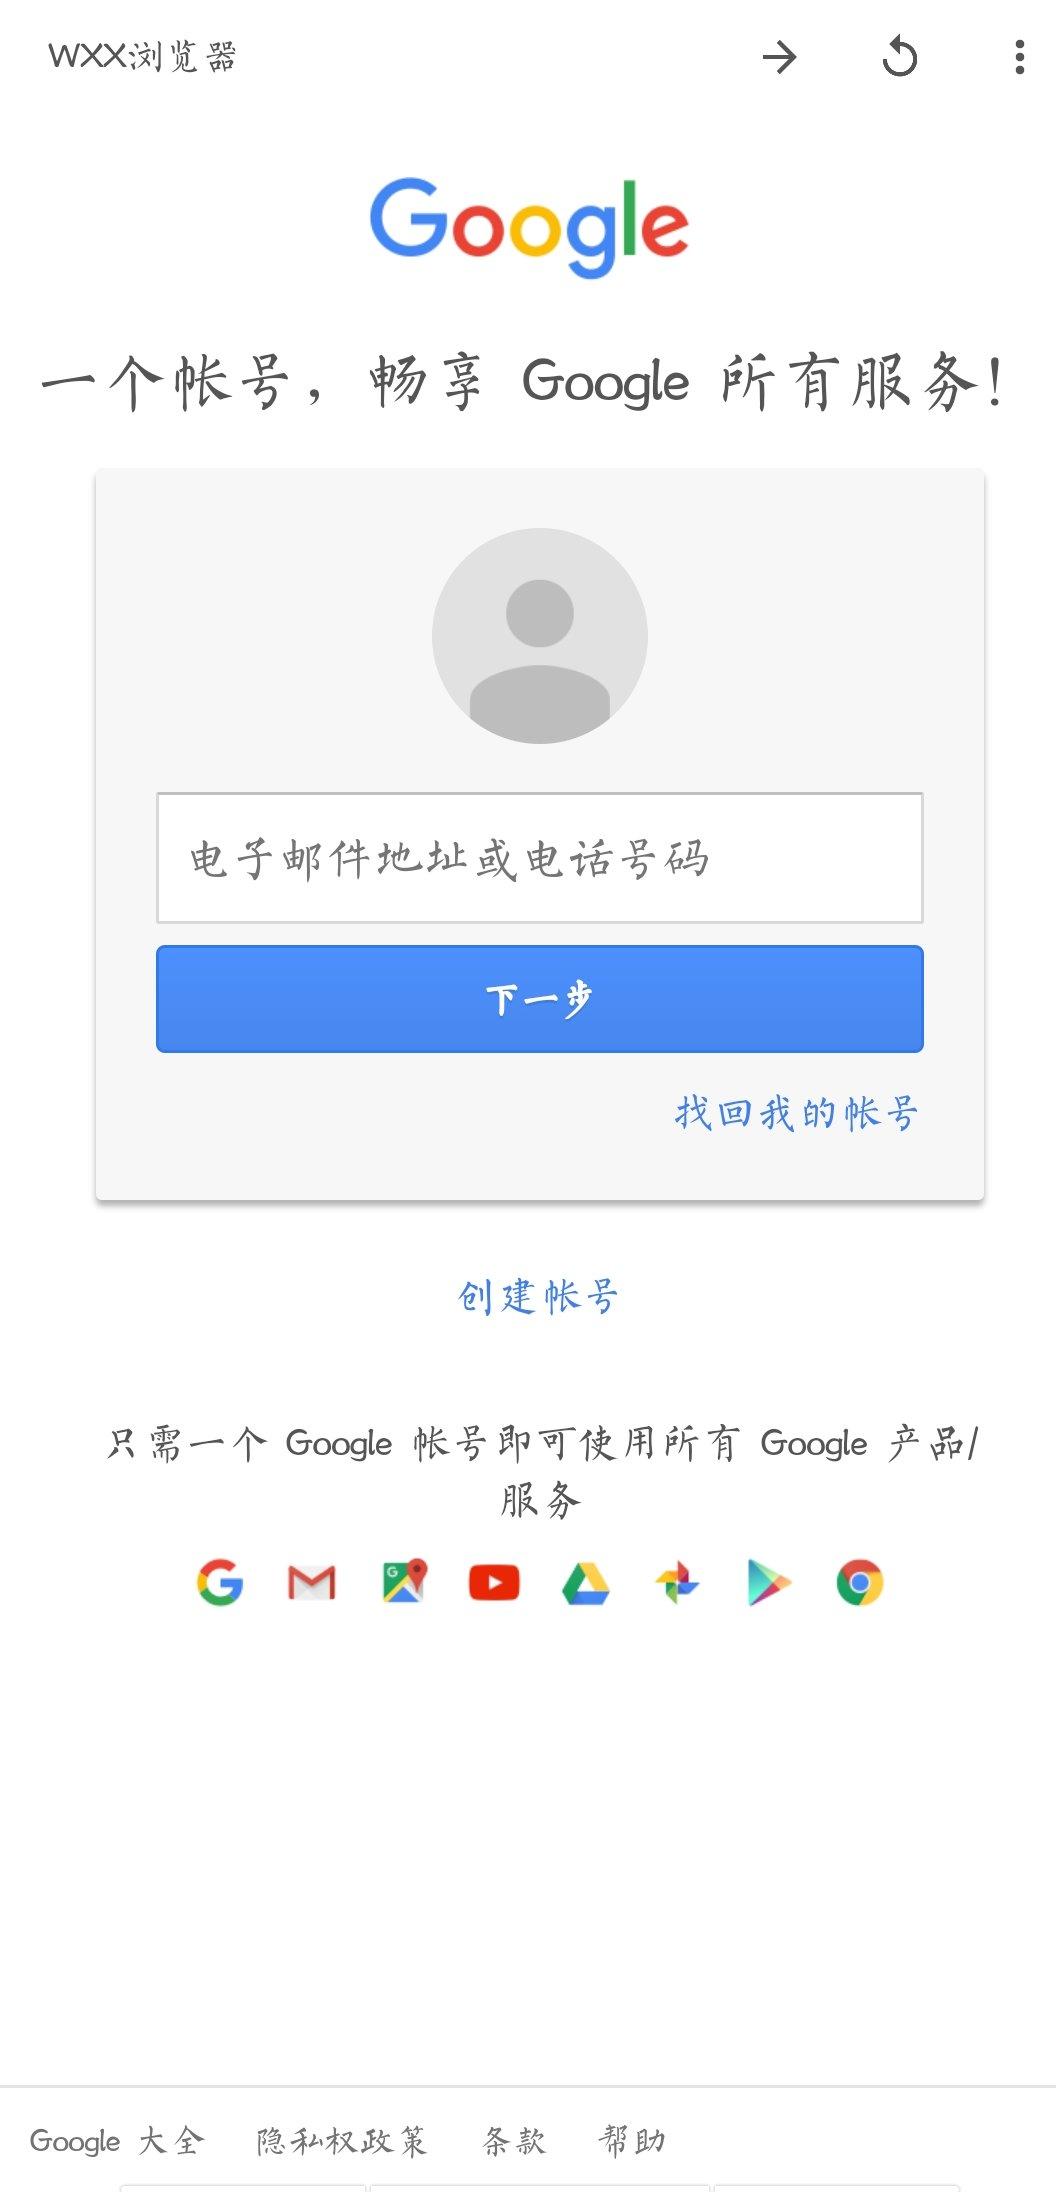 「原创」轻松上谷歌上某管 - 其实不用那么累。